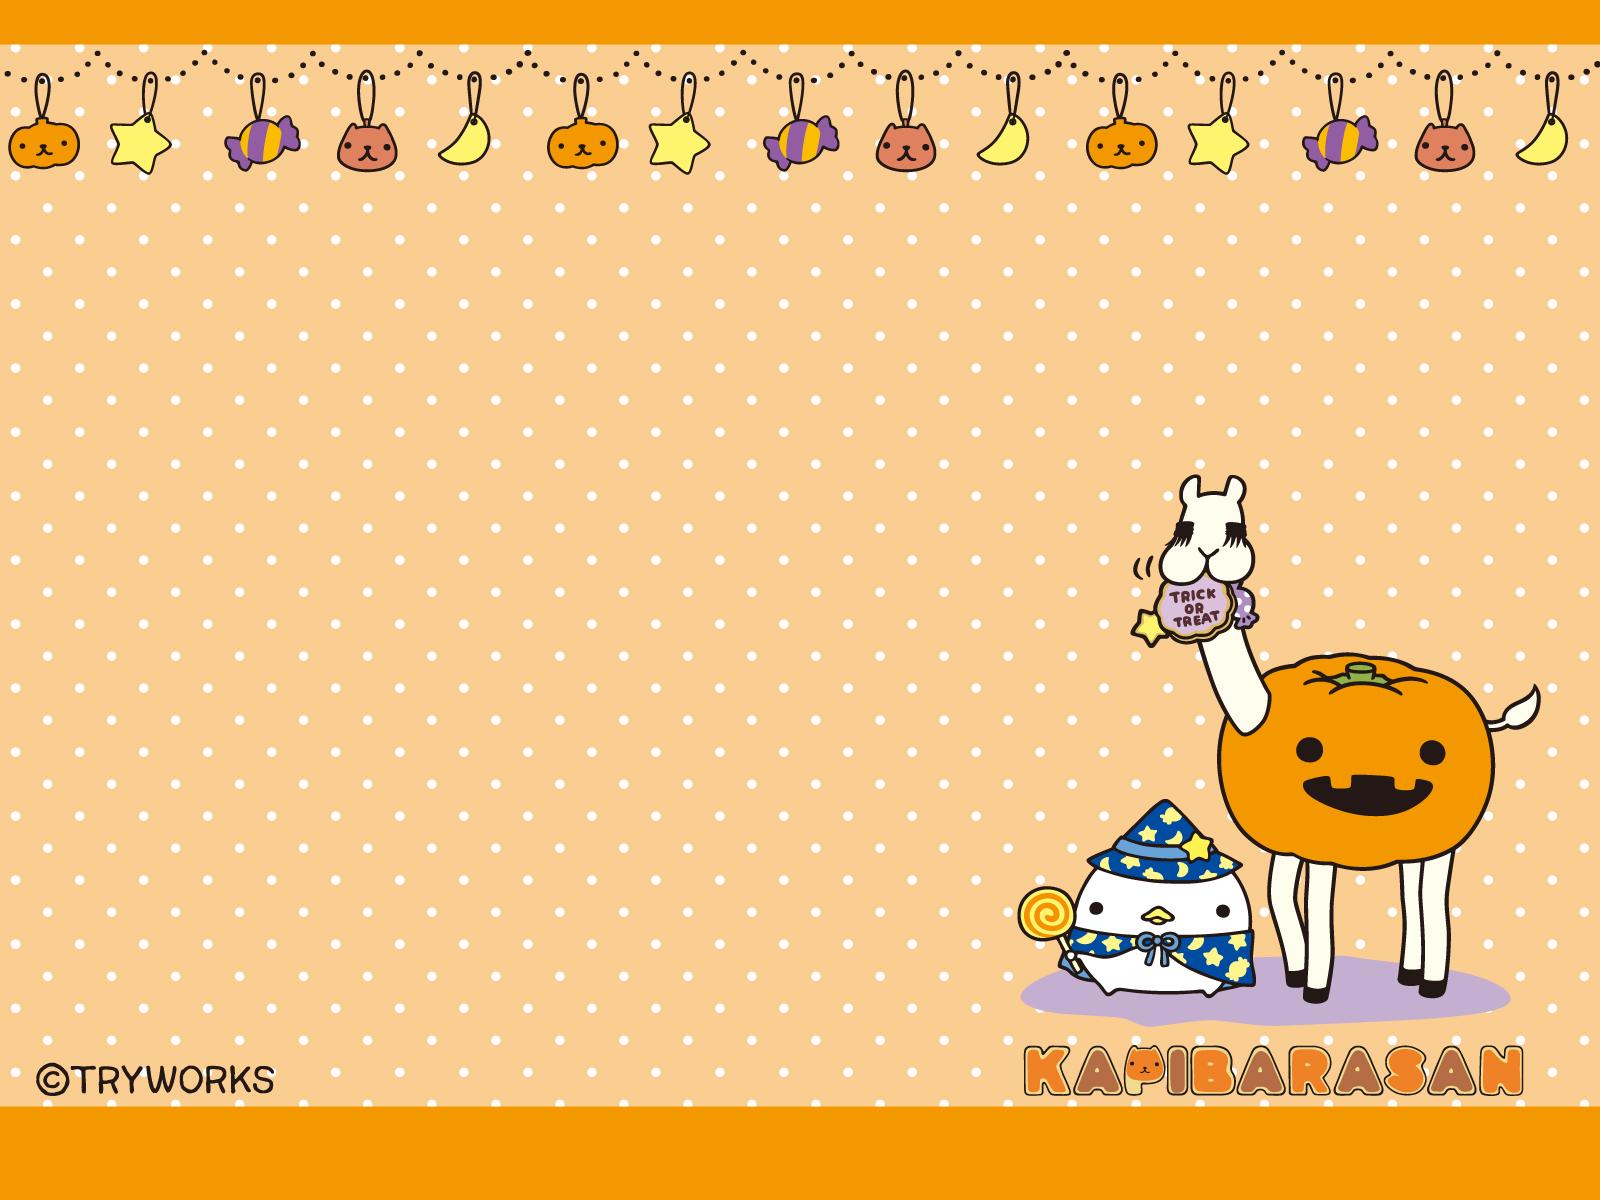 カピバラさん ハロウィンパーティ2009壁紙配布 おみやげ